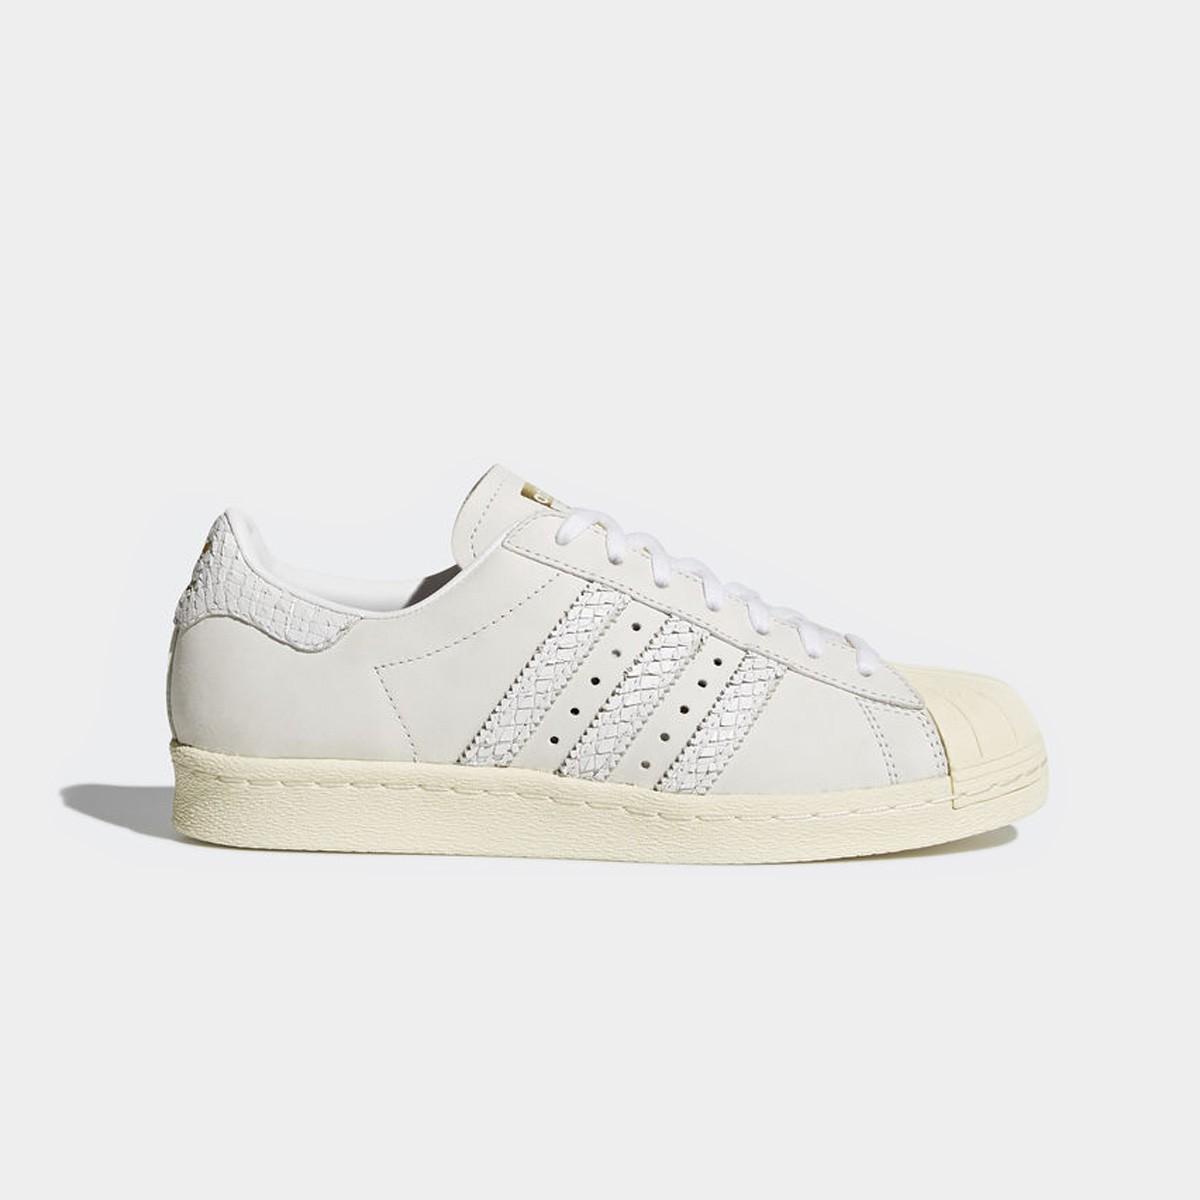 d5686612174 Tênis Adidas Feminino SuperStar 80s White